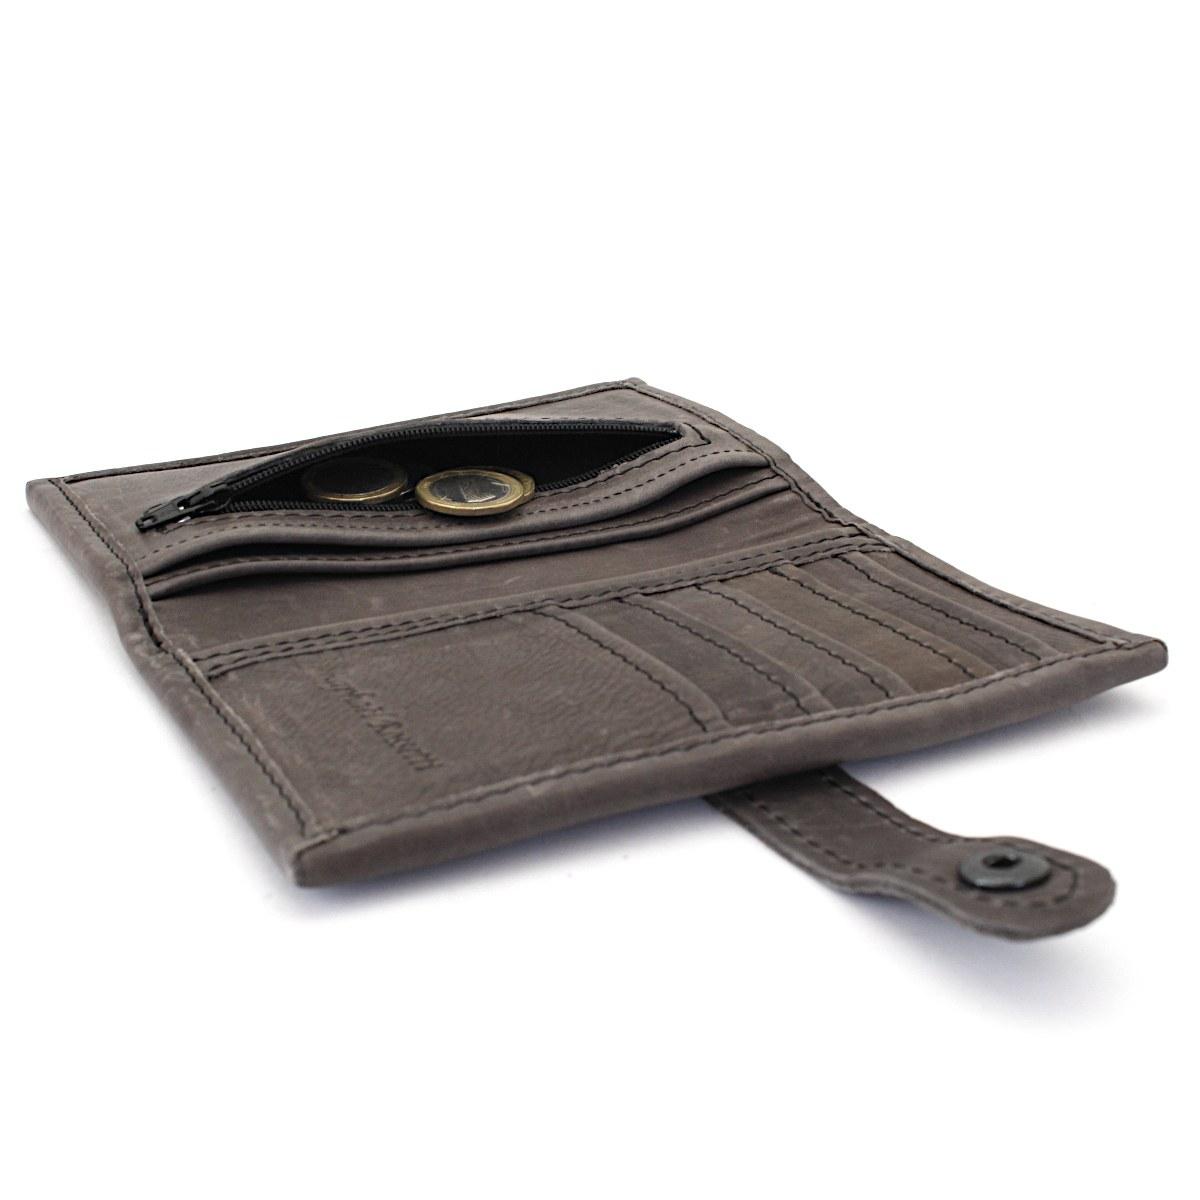 ръчно изработен кожен портфейл сив - монетник